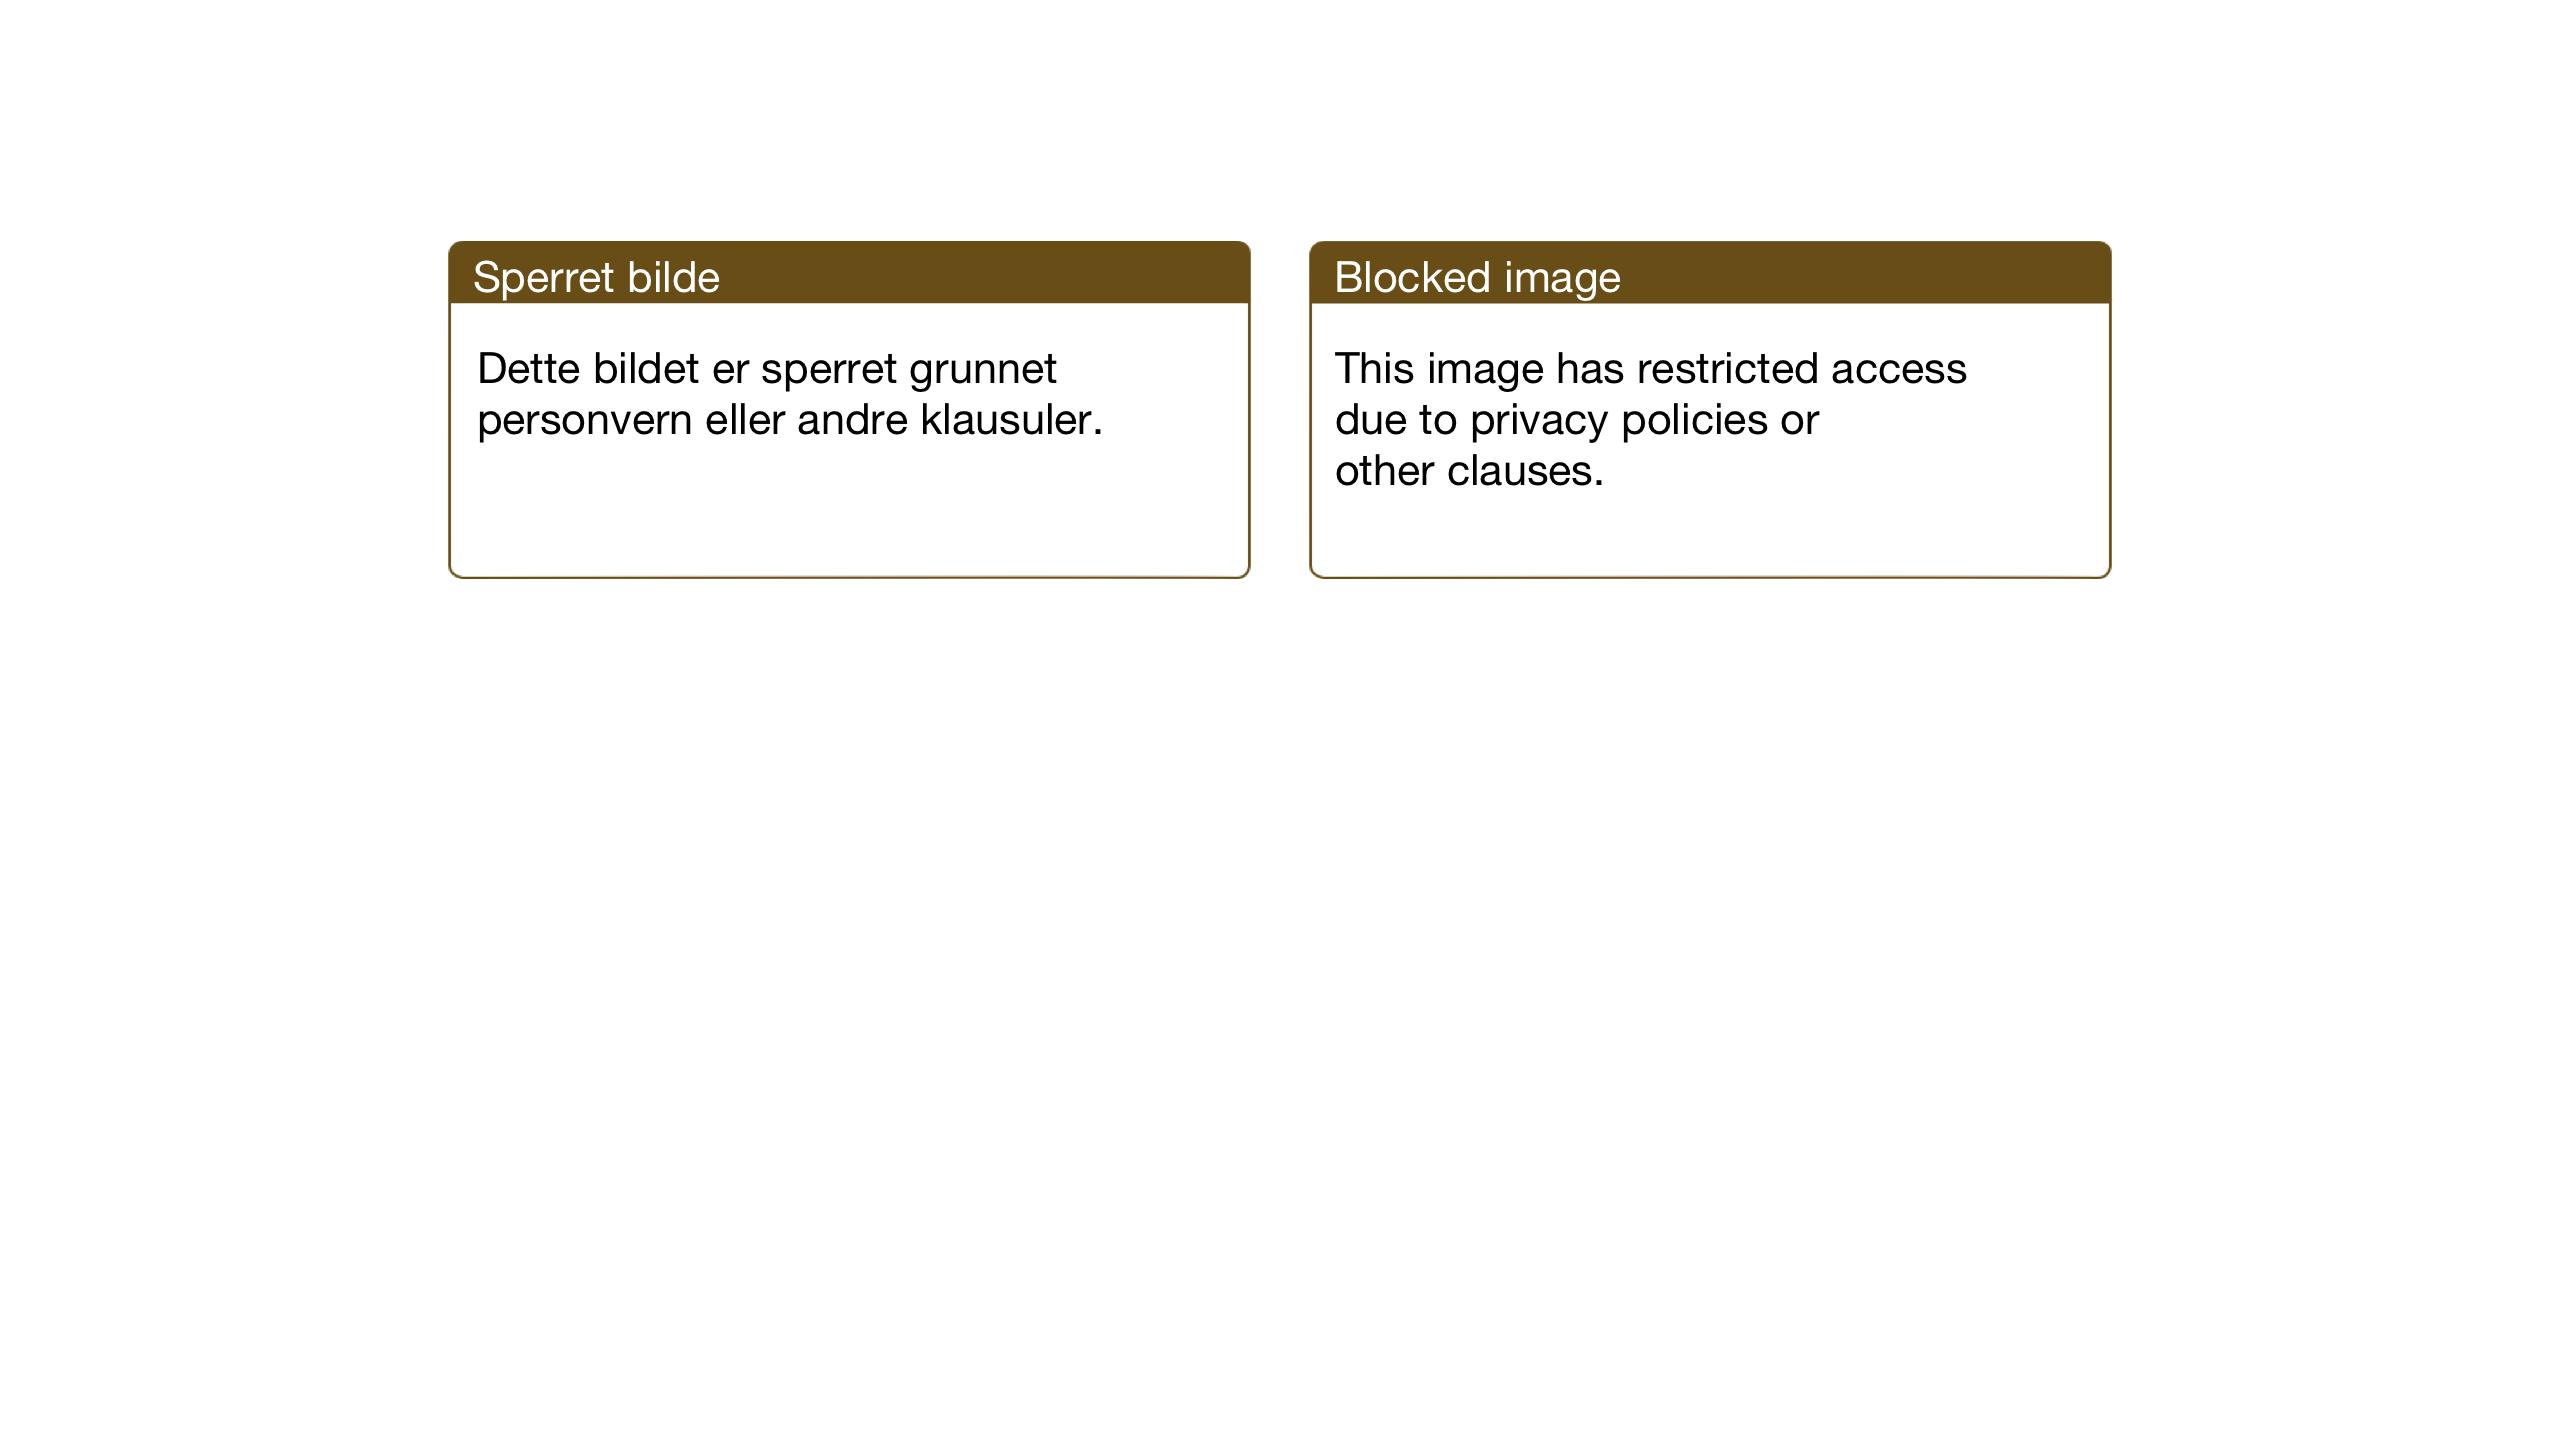 SAT, Ministerialprotokoller, klokkerbøker og fødselsregistre - Nord-Trøndelag, 747/L0460: Klokkerbok nr. 747C02, 1908-1939, s. 35